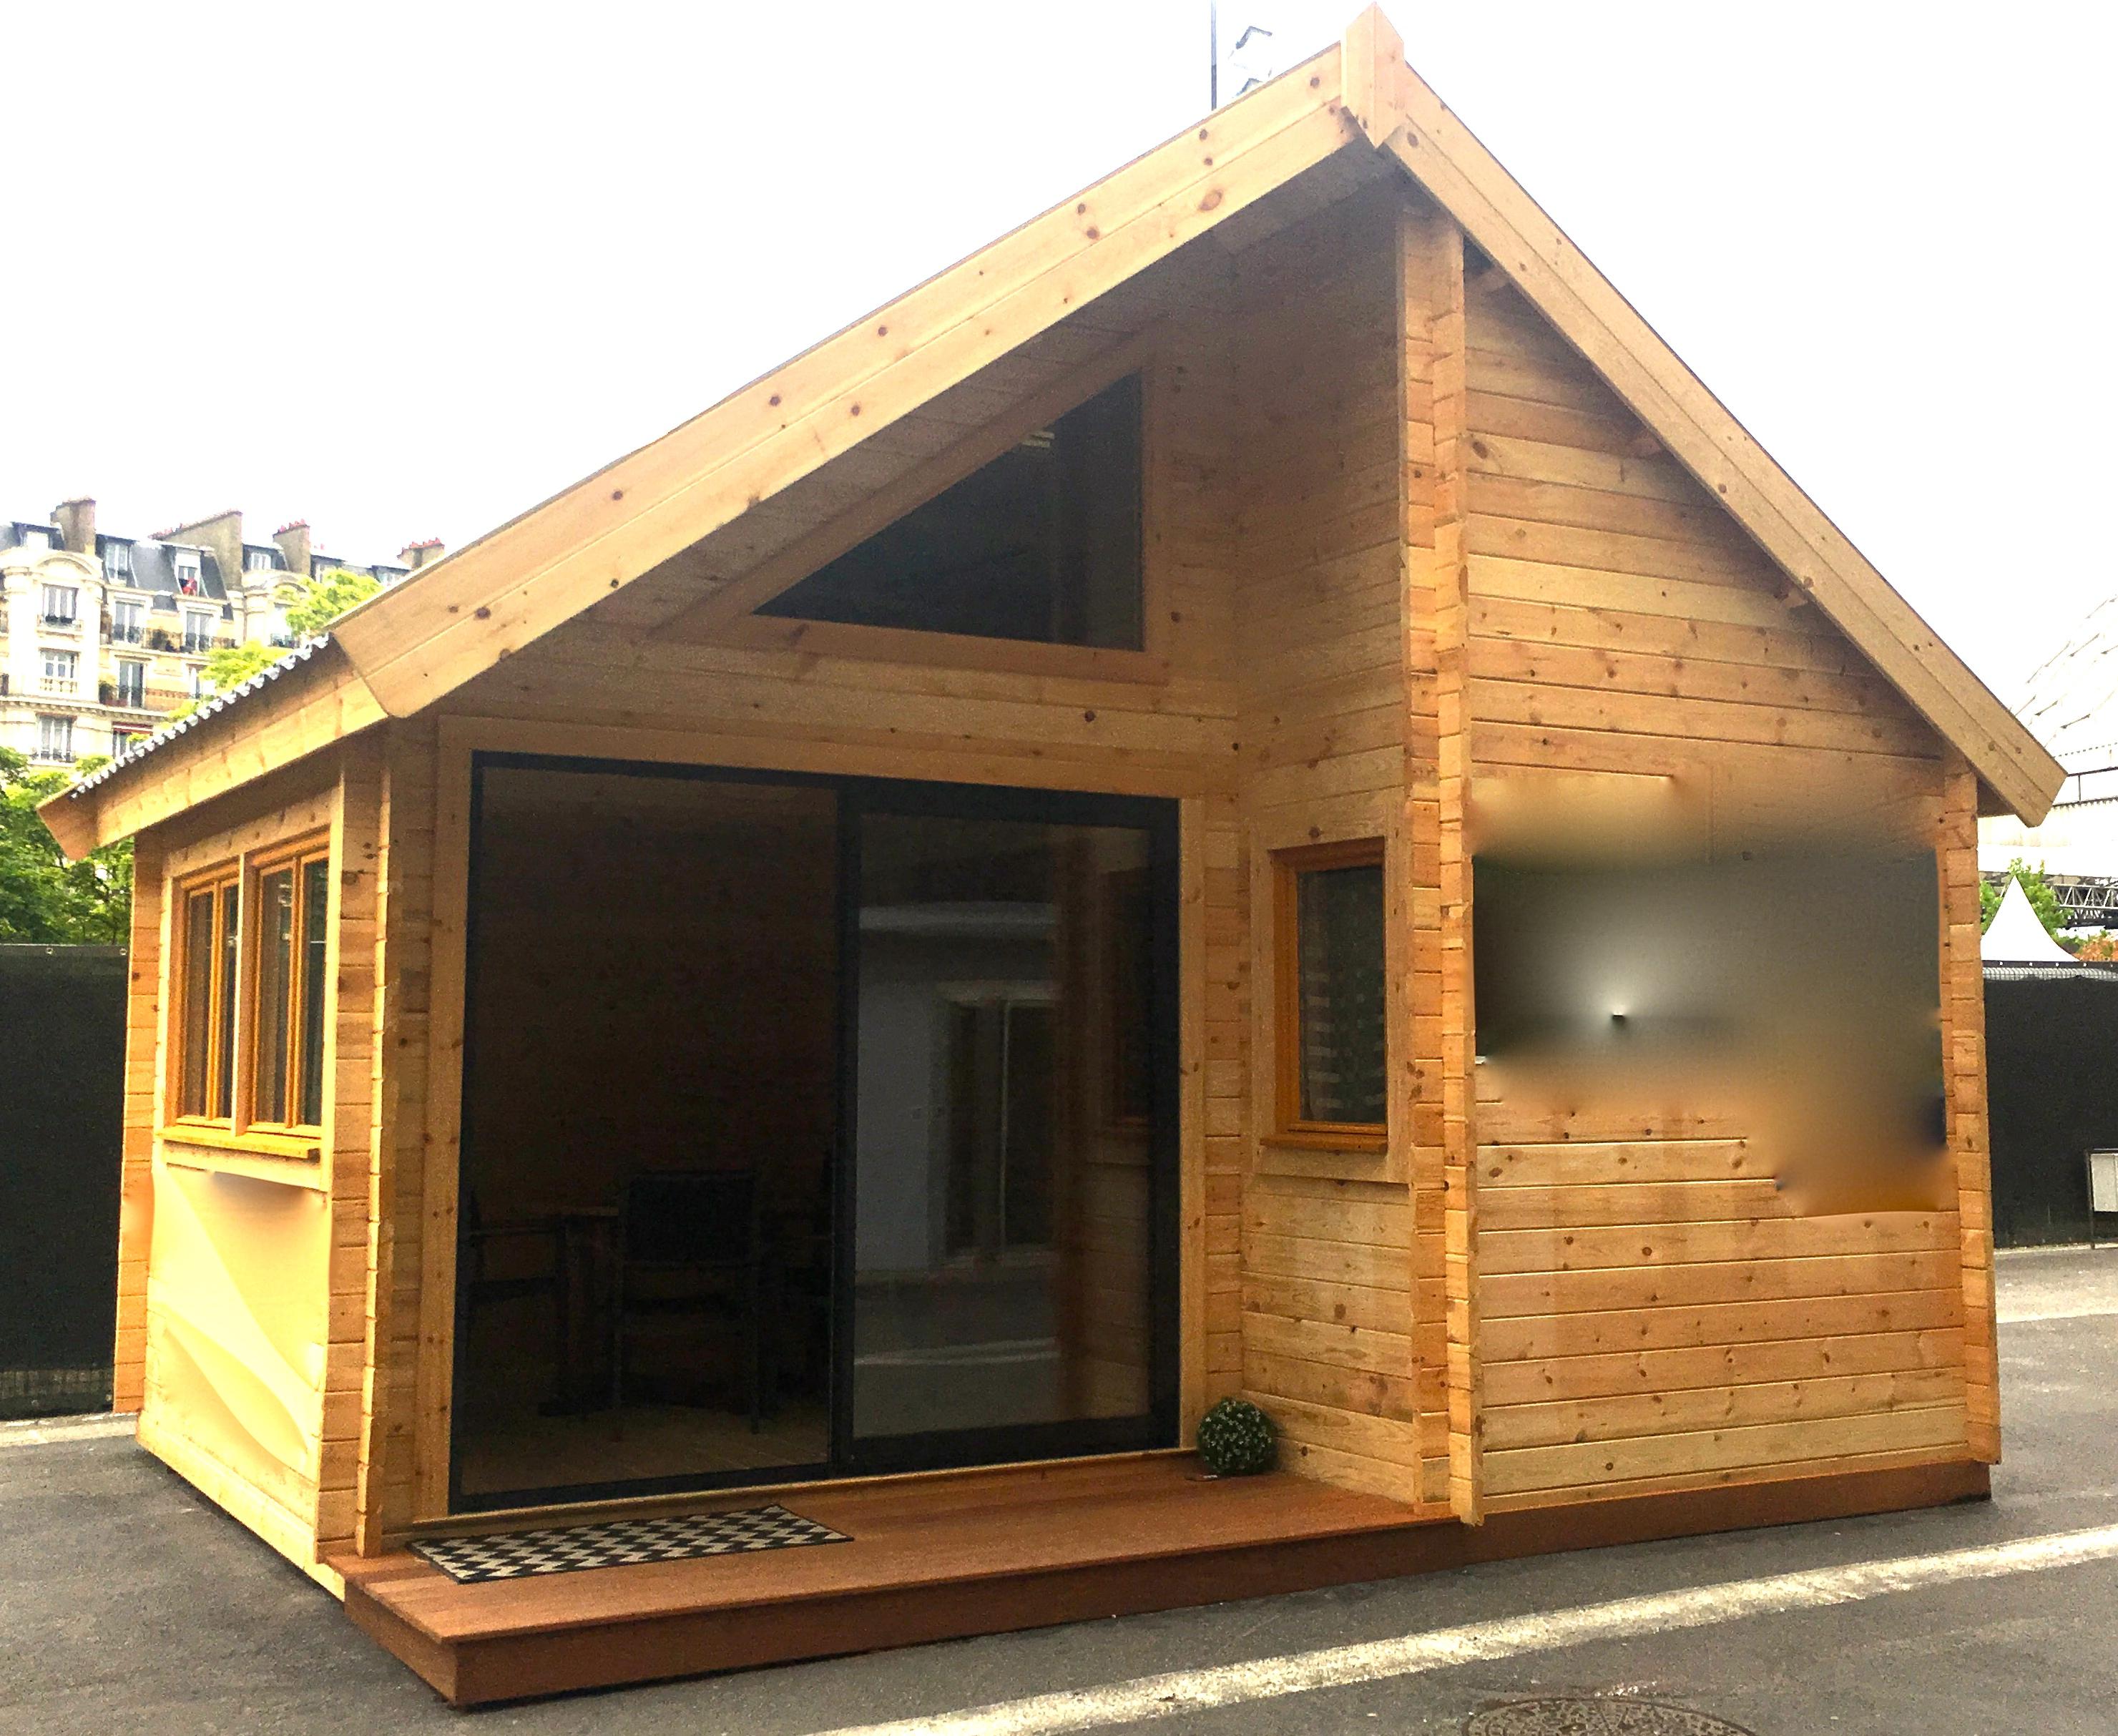 Maison Bois 20M2 Avec Mezzanine | Ventana Blog encequiconcerne Abri De Jardin Habitable Design